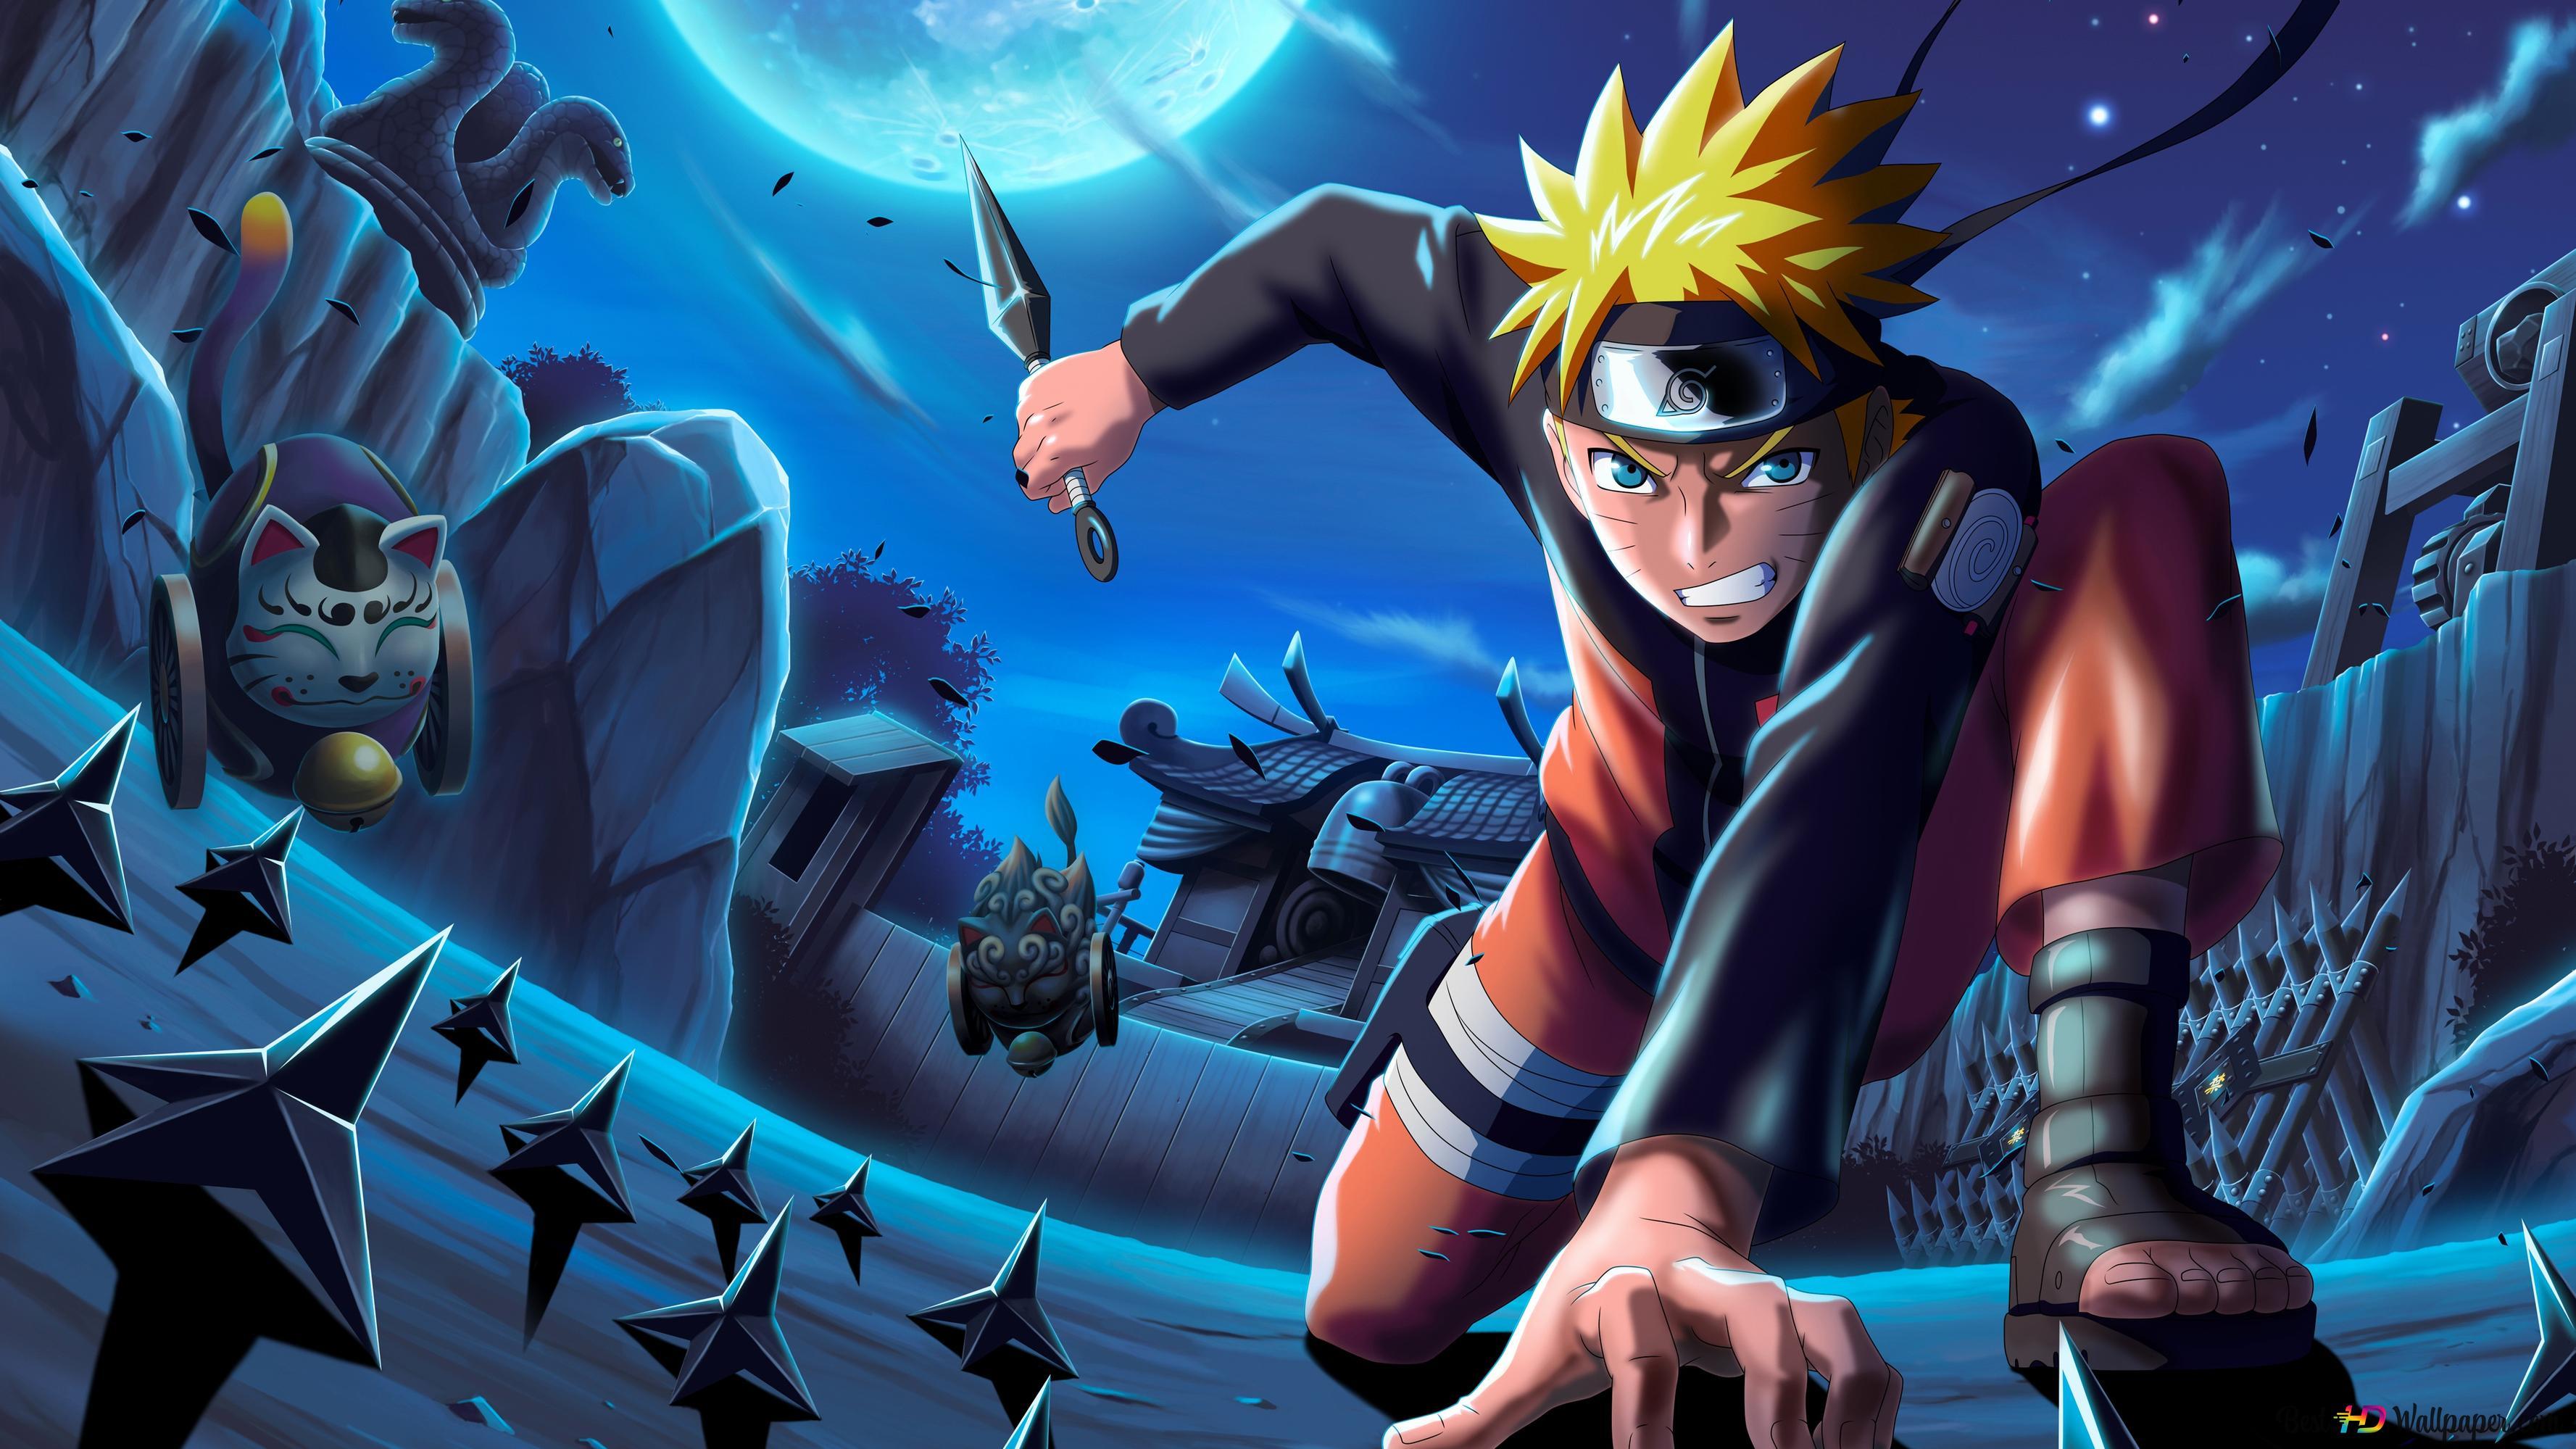 Naruto Uzumaki 4k HD fond d'écran télécharger